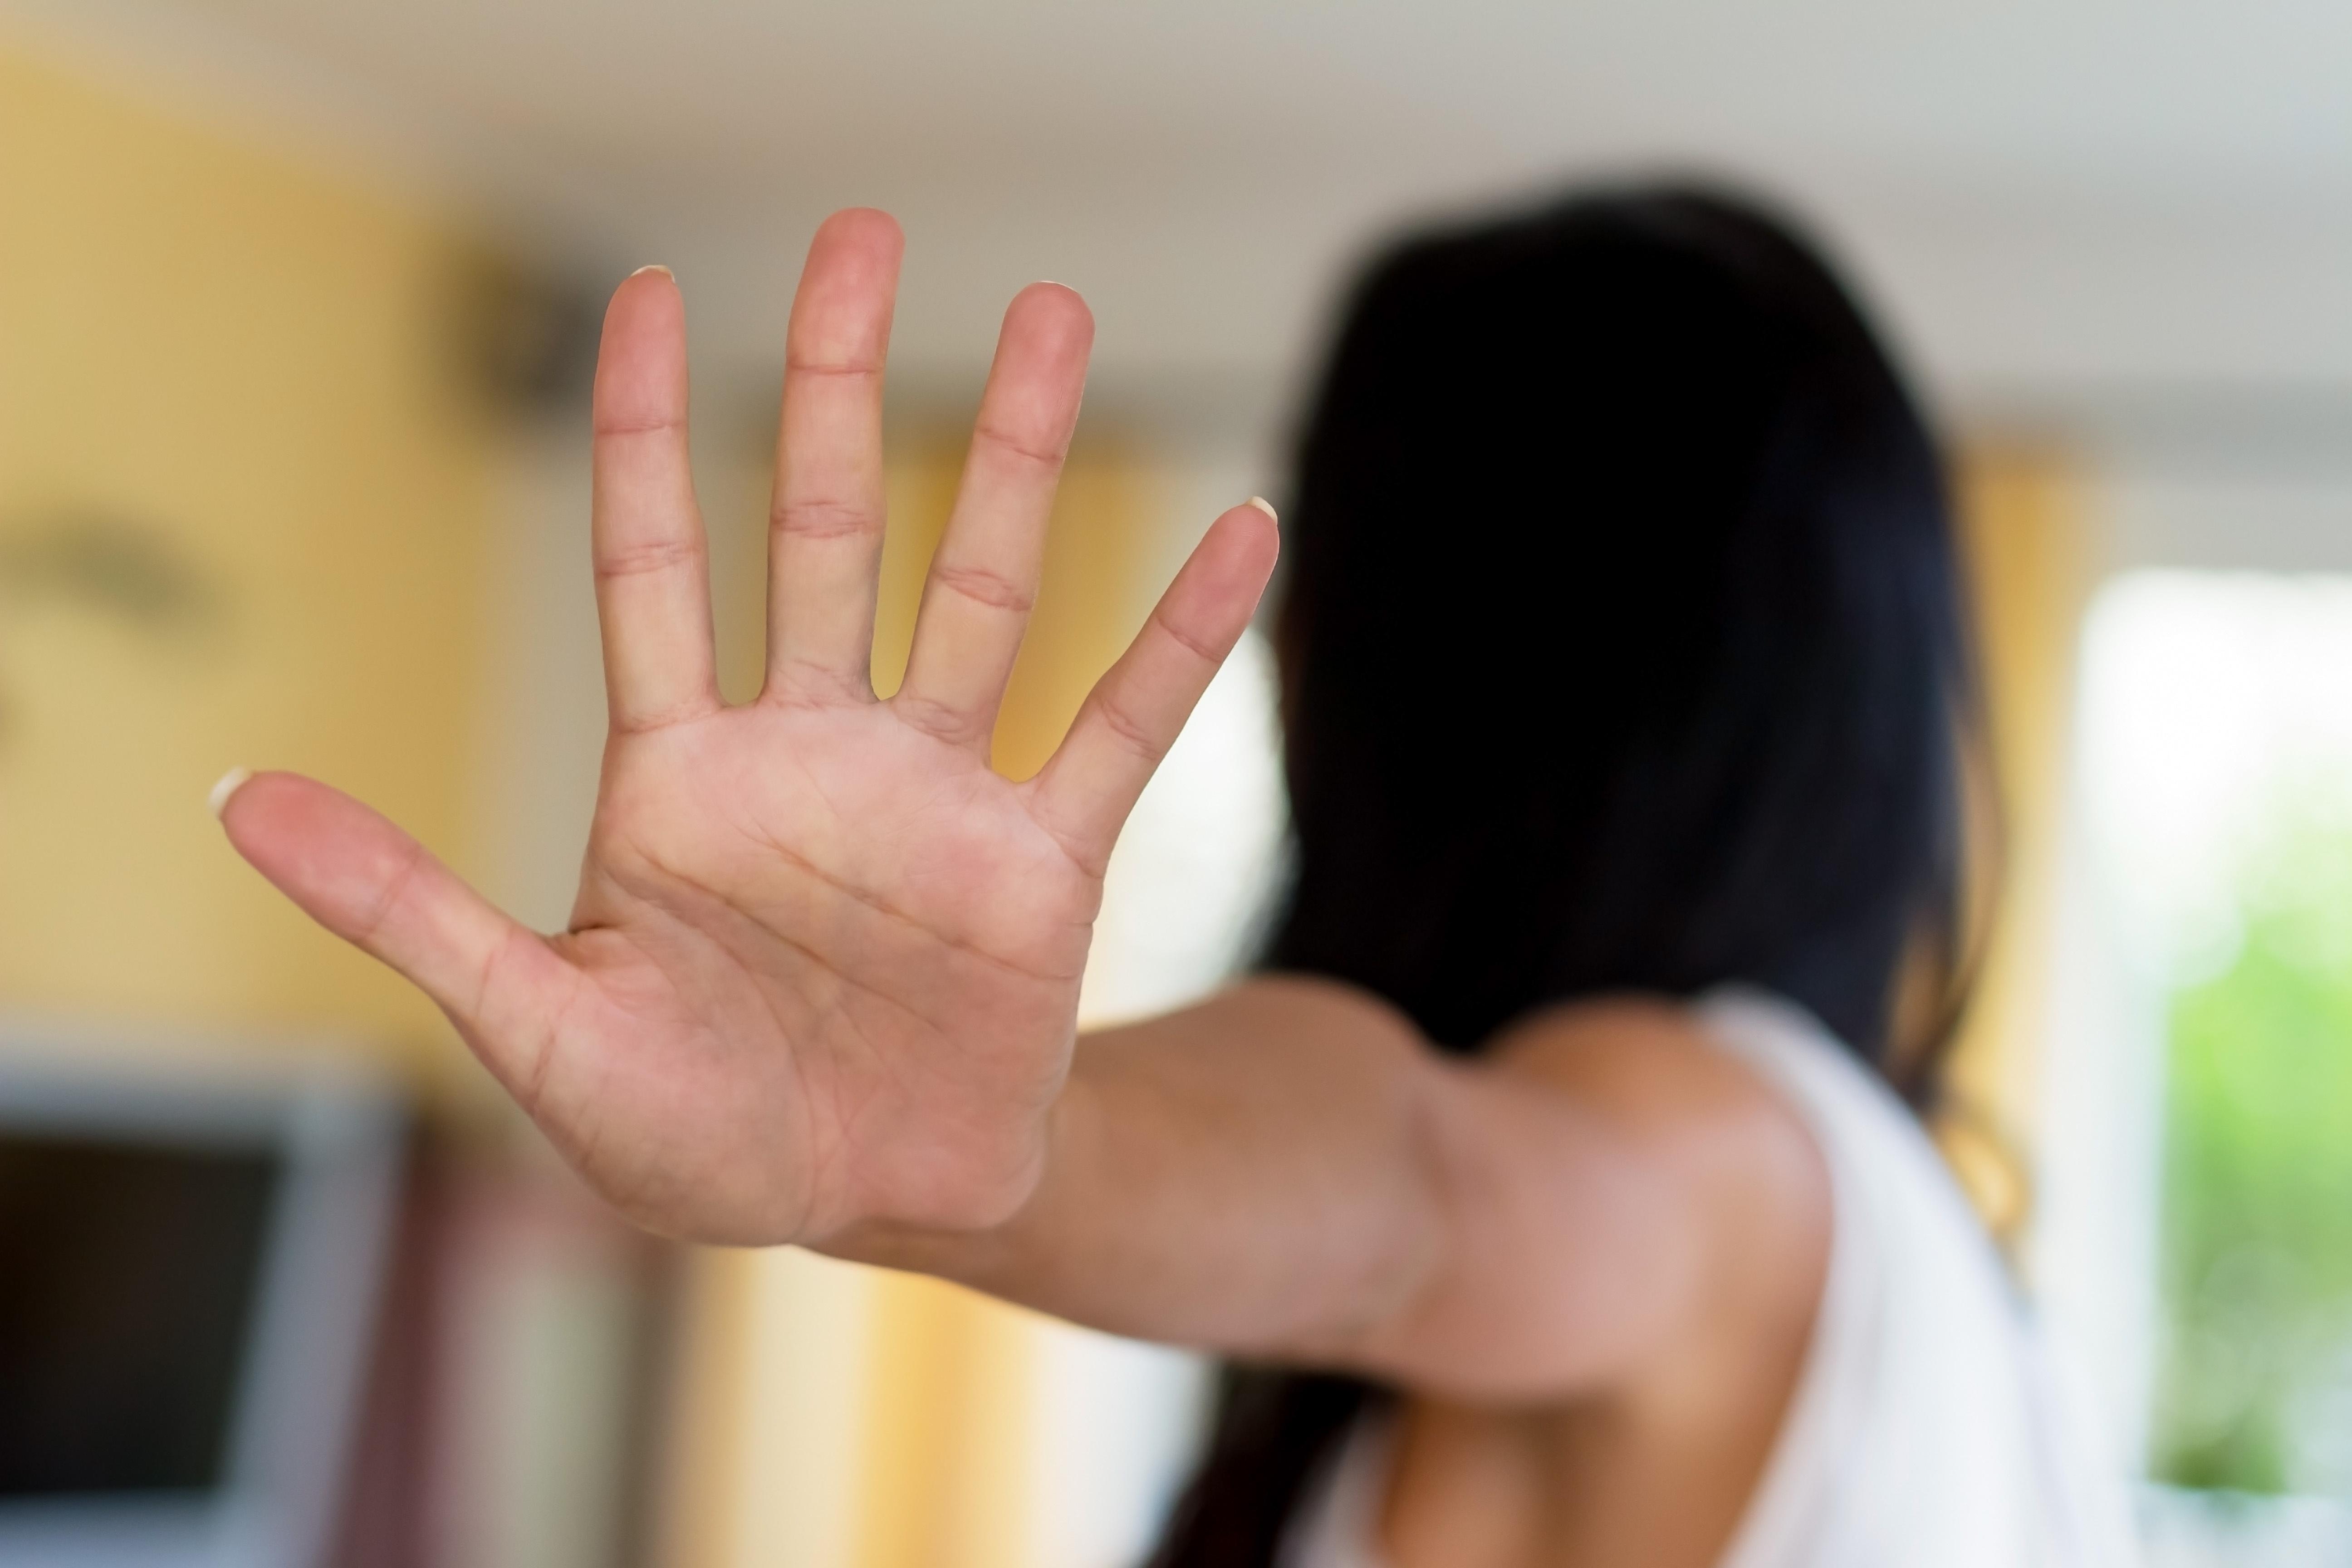 Bipolare Störung: Überhöht gute und sehr schlechte Stimmungen wechseln sich schnell ab. (Bild: Gina Sanders/fotolia)